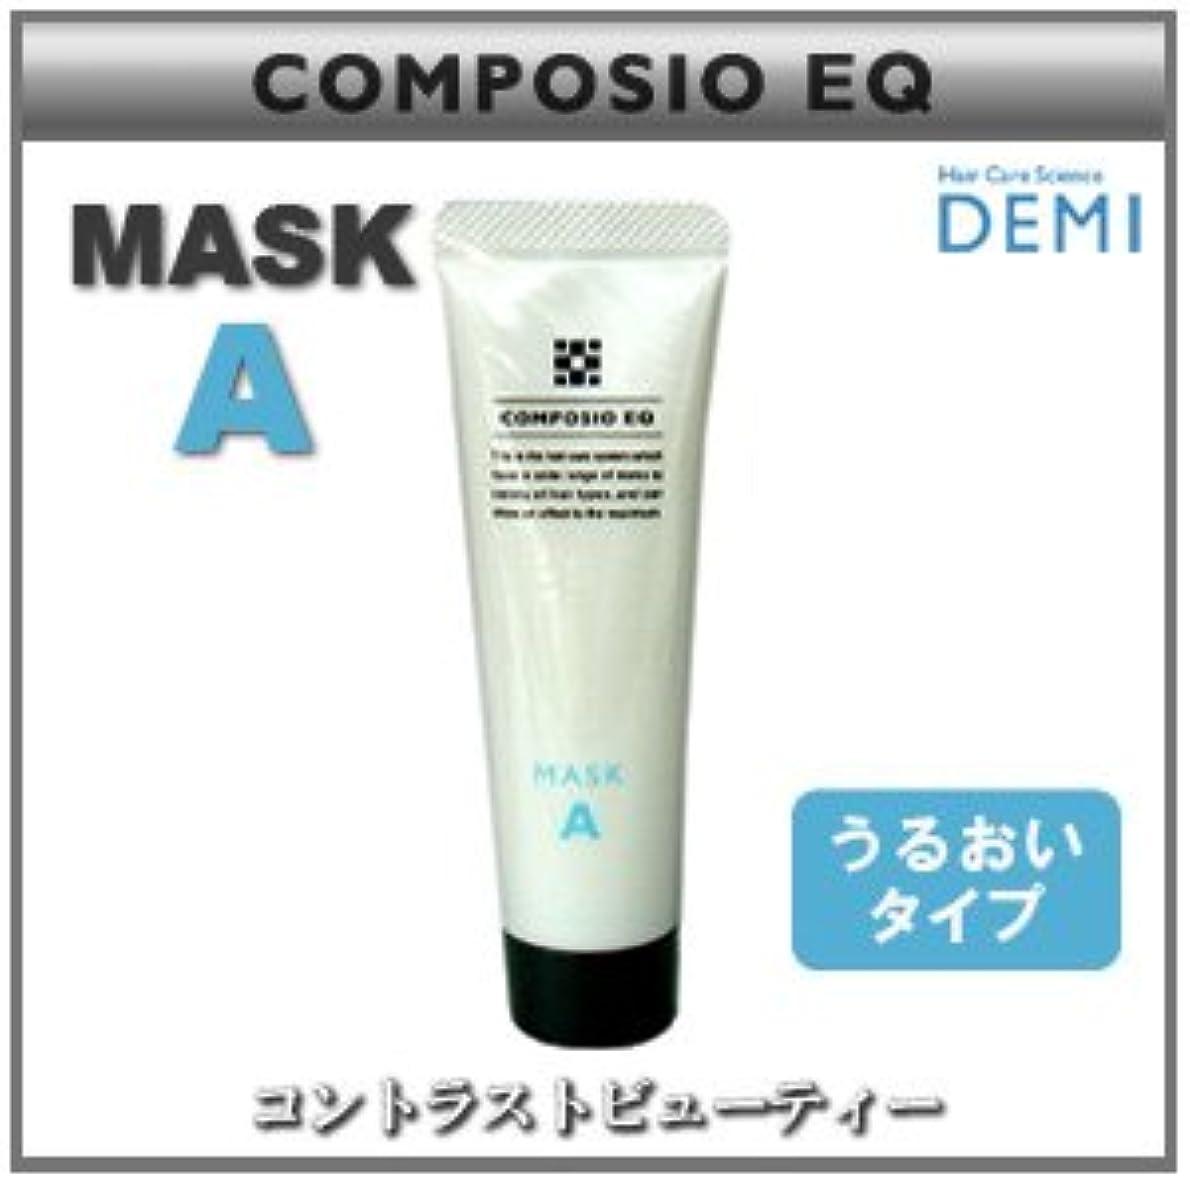 懲らしめポーン受け入れた【X4個セット】 デミ コンポジオ EQ マスク A 50g